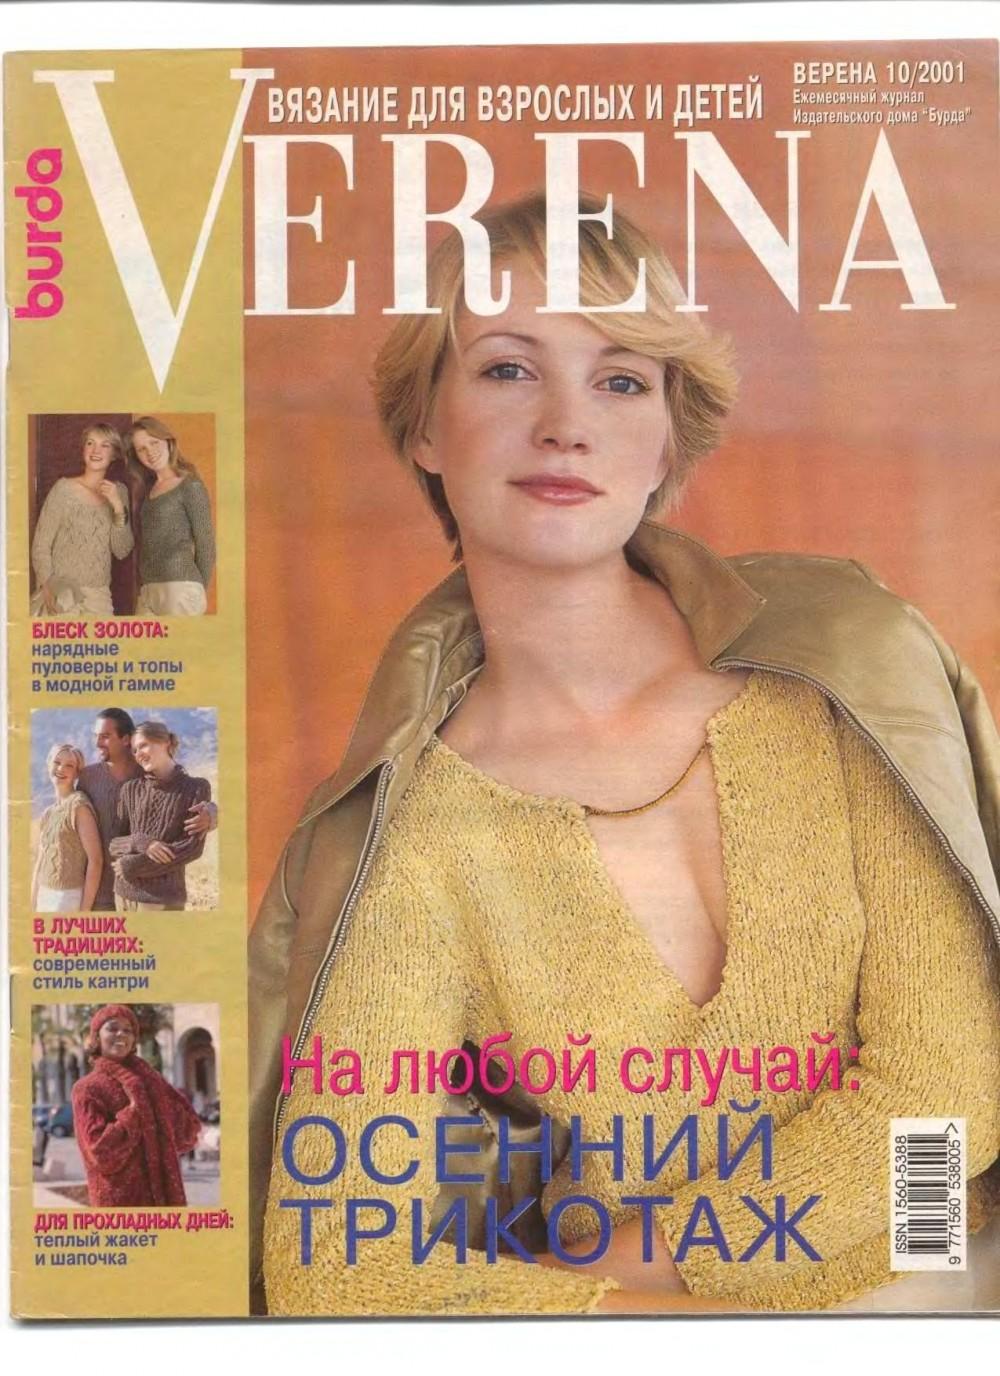 Verena-2001-10_1.jpg